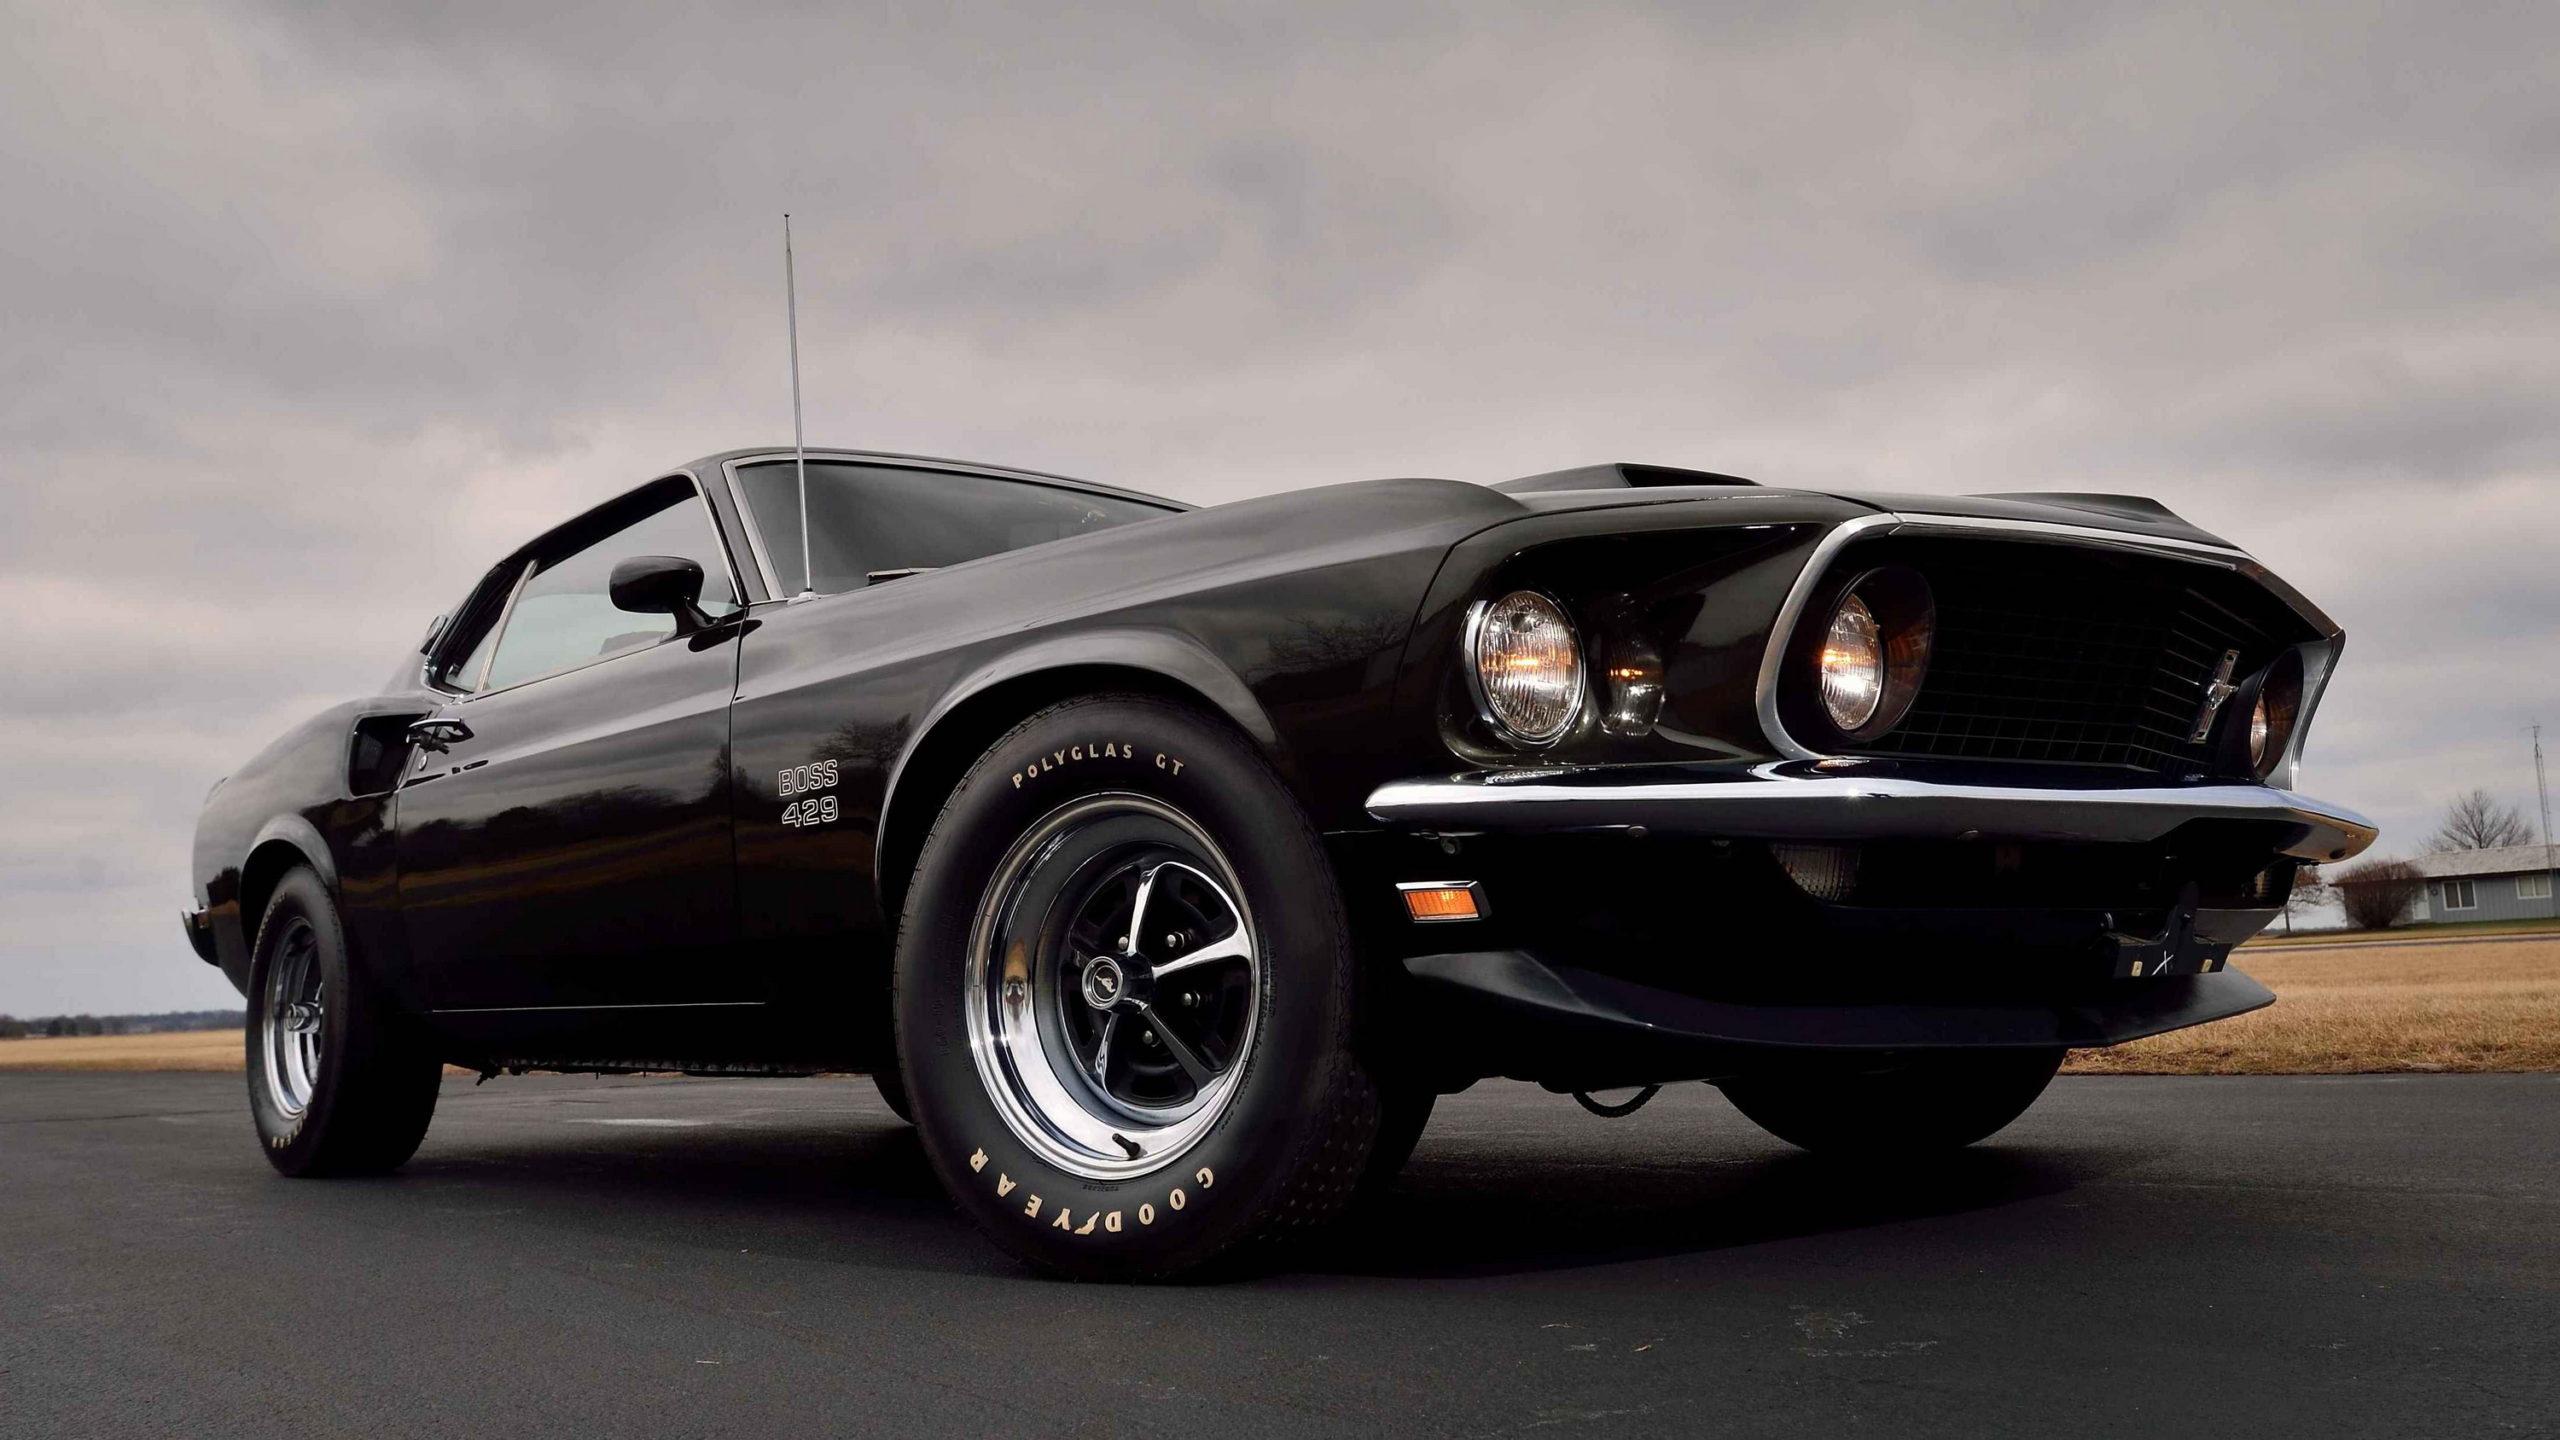 You Can Buy John Wick S 1969 Mustang Hitman Replicated By Classic Recreations